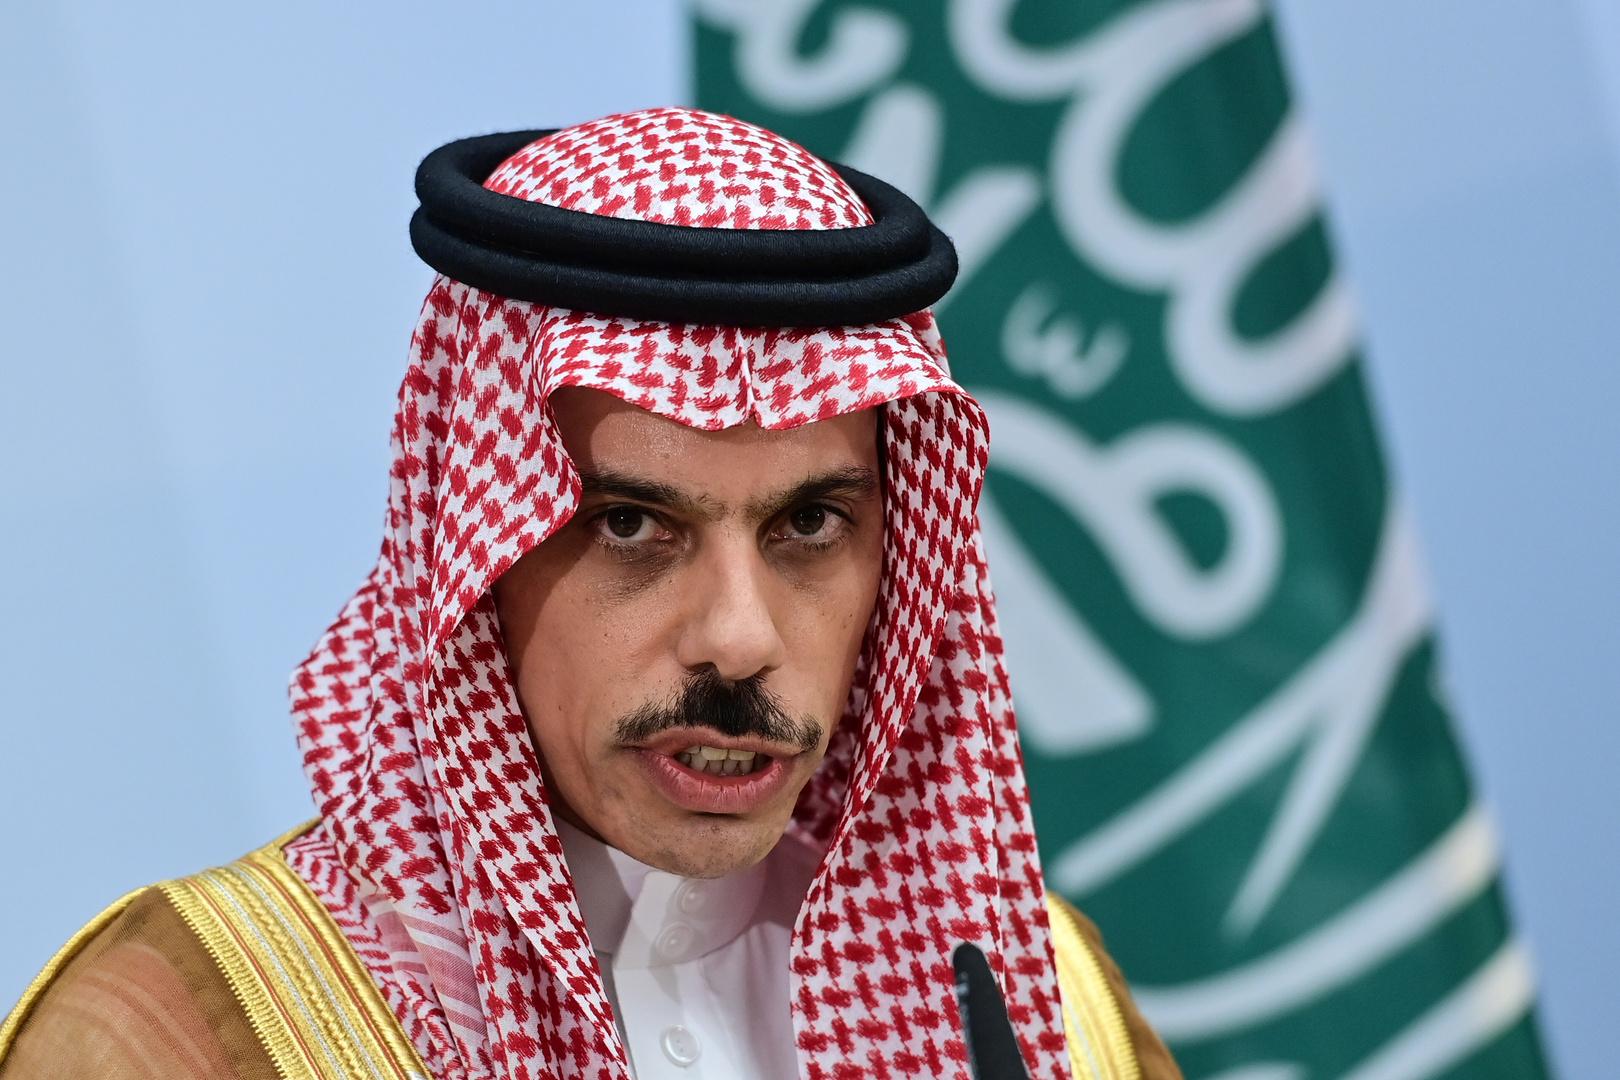 السعودية ومصر تشددان على ضرورة ضمان حرية الملاحة في الخليج وباب المندب